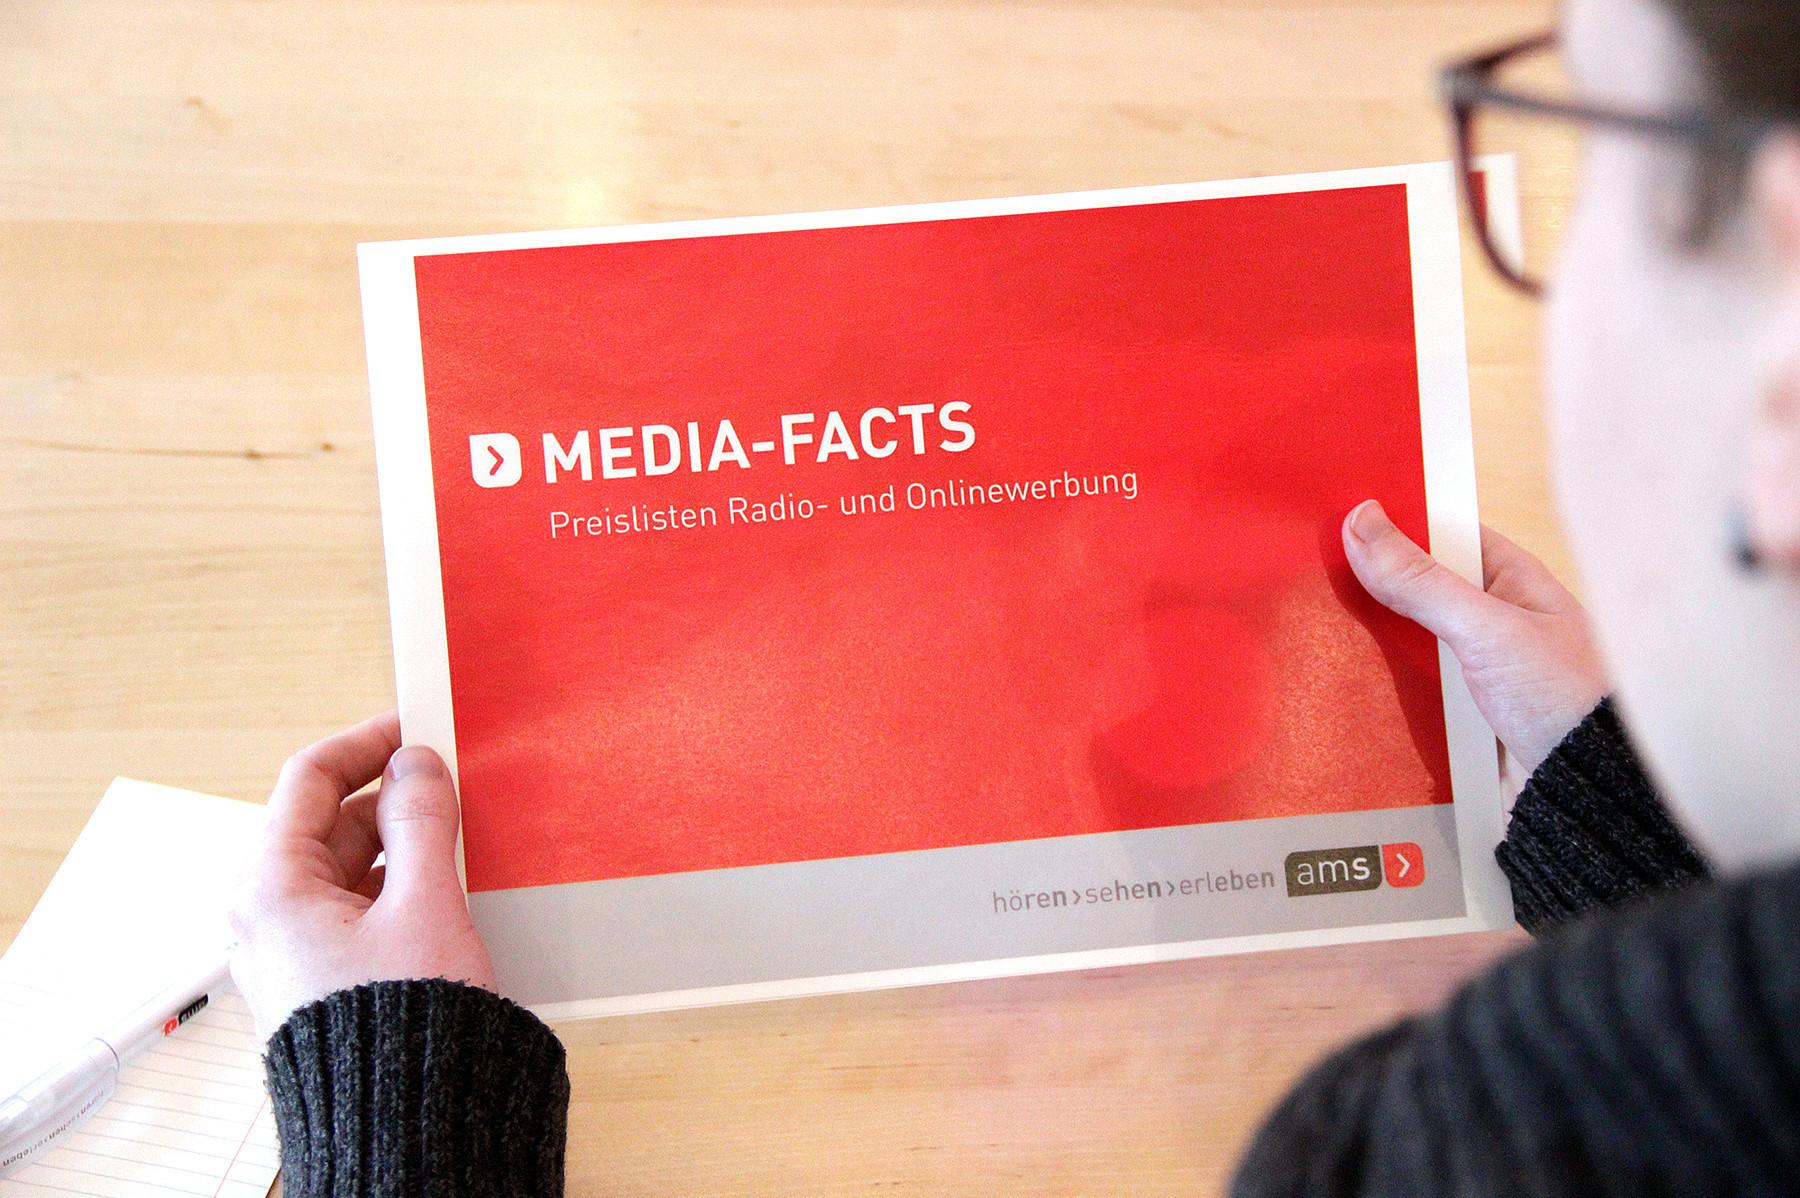 Media-Facts von Radio Bielefeld